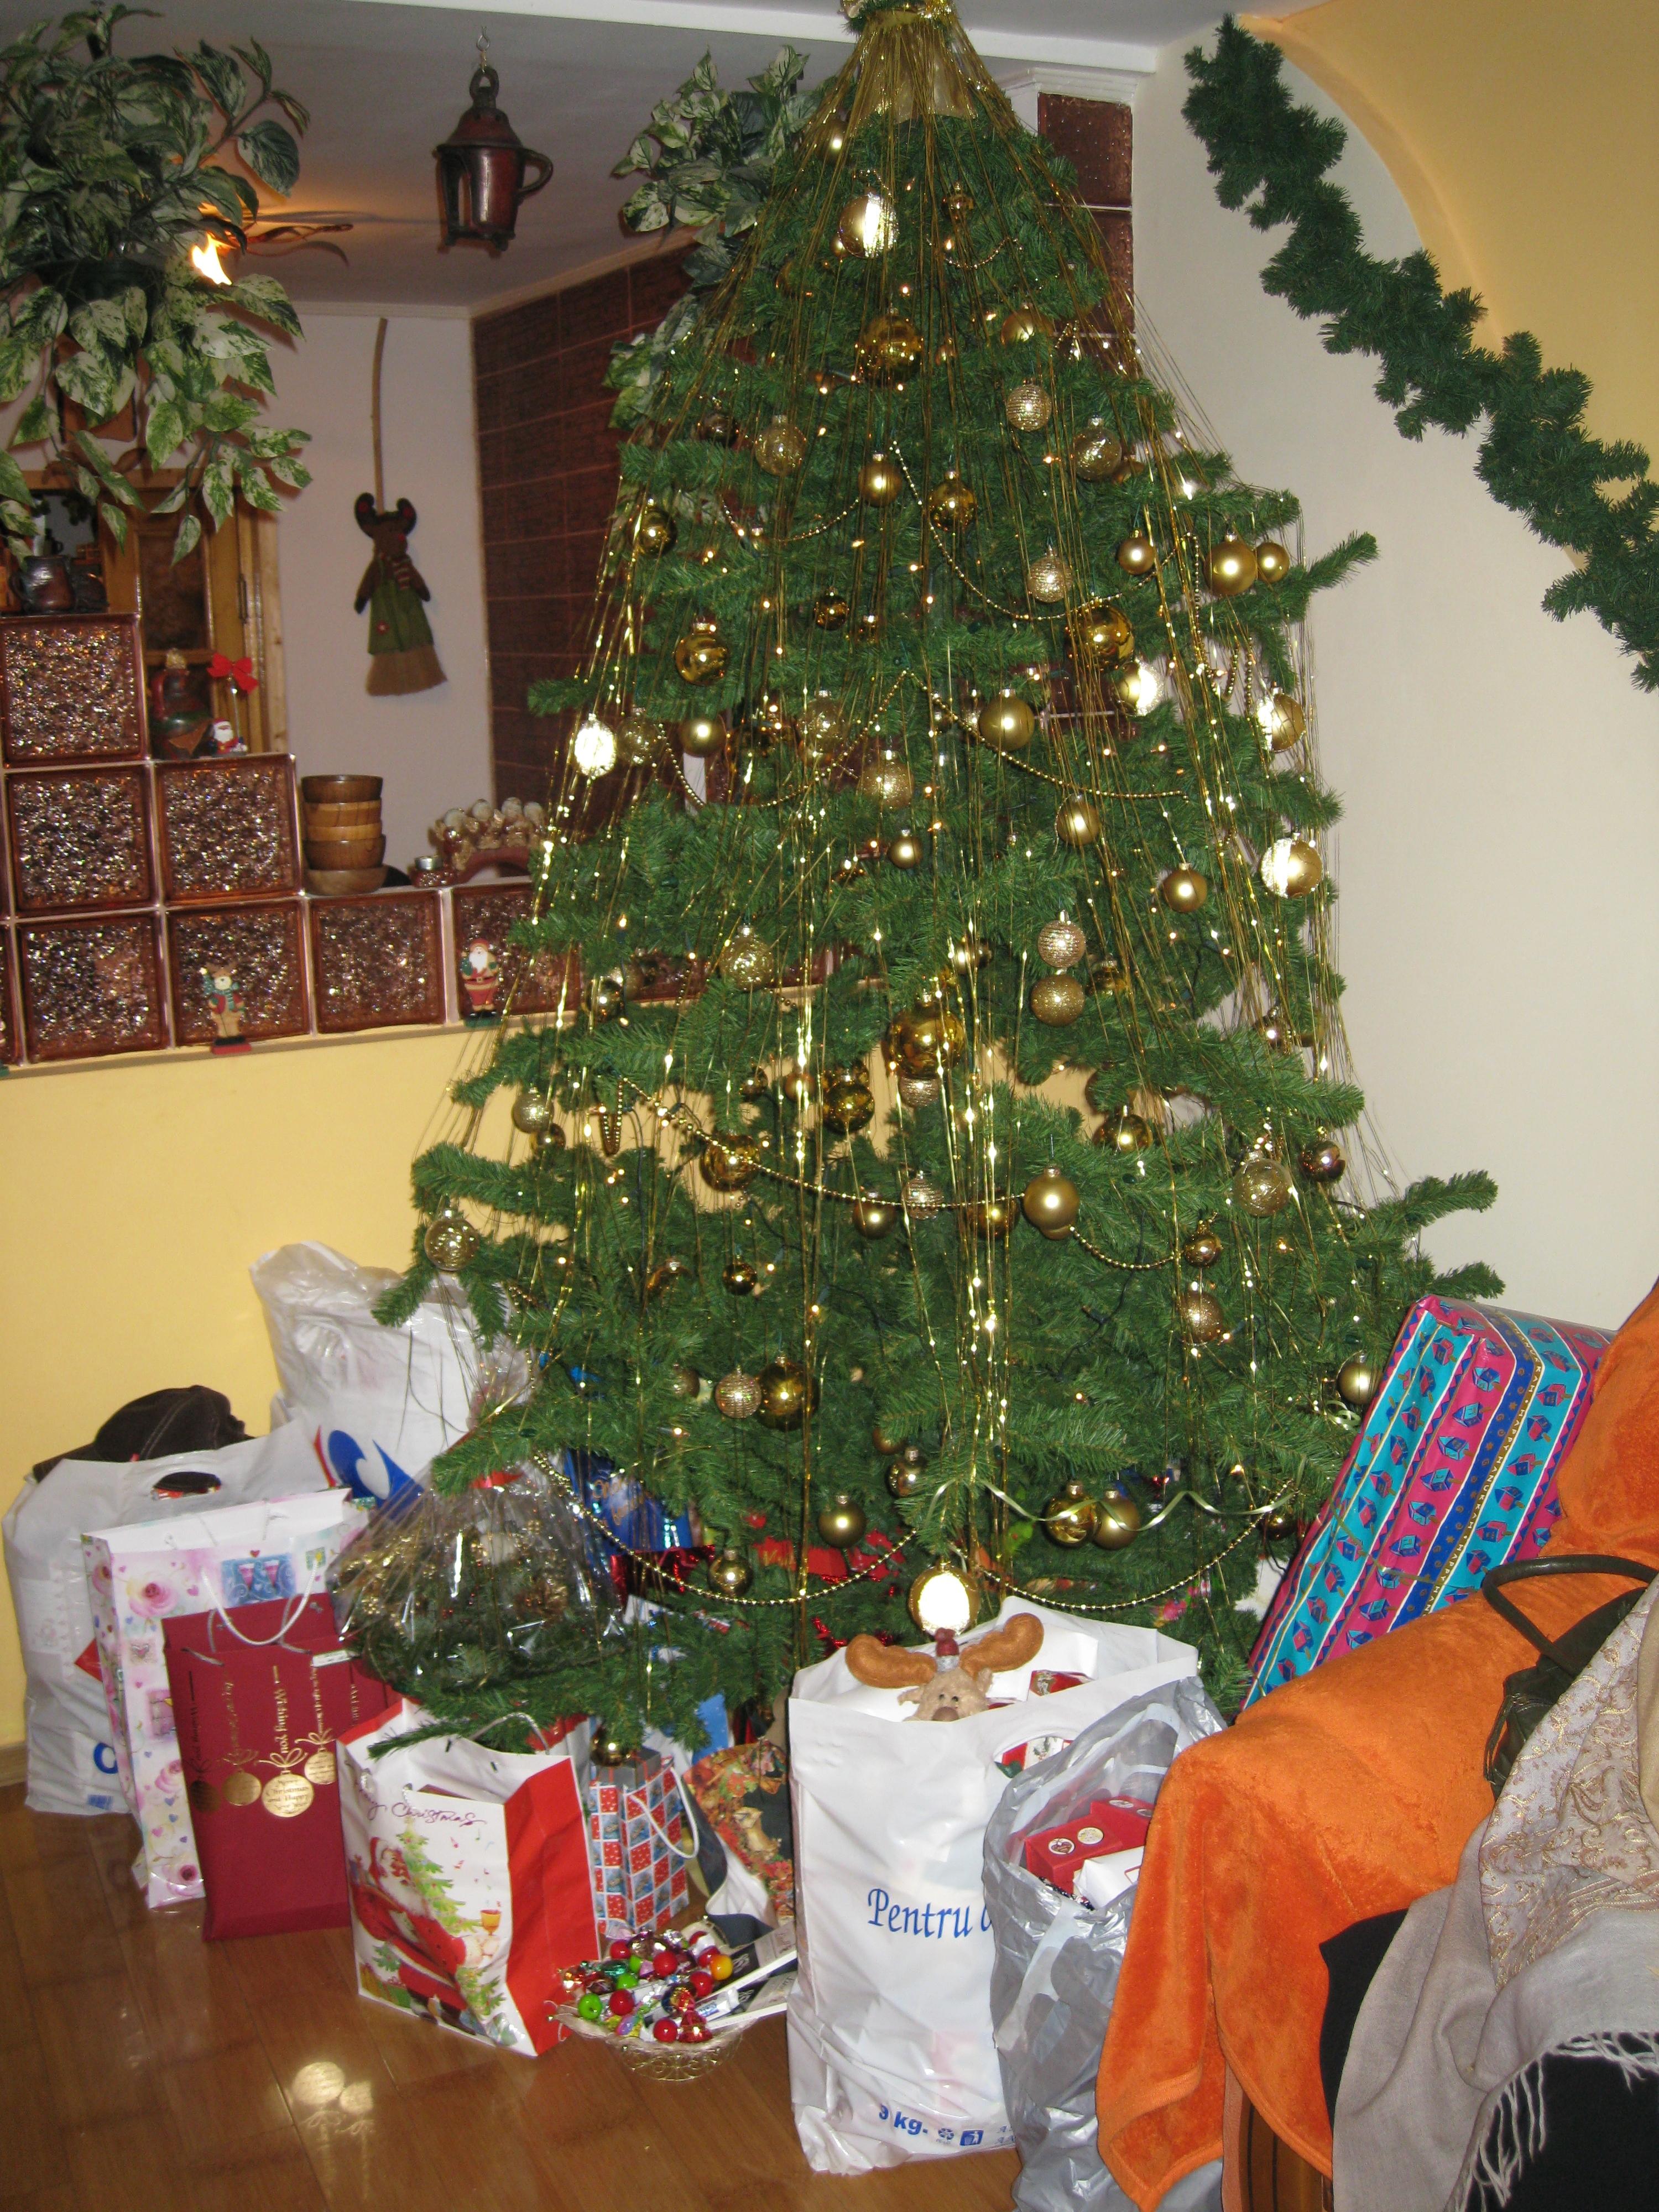 romanian christmas tree christmas 2009 iasi romania - European Christmas Tree